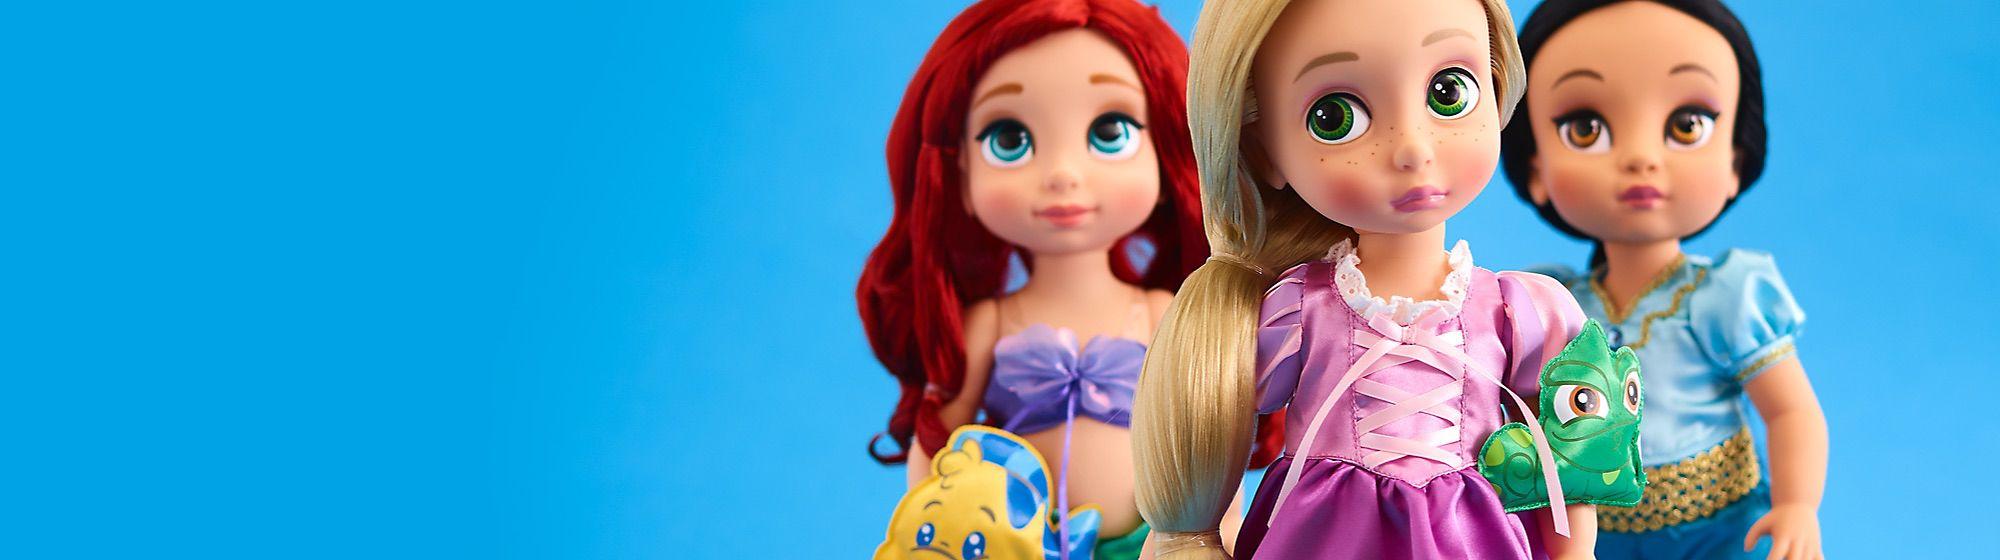 Animator Découvrez la collection de poupées et jouets Disney Animator, de Raiponce à Belle, en passant par Mérida et la Fée Clochette !